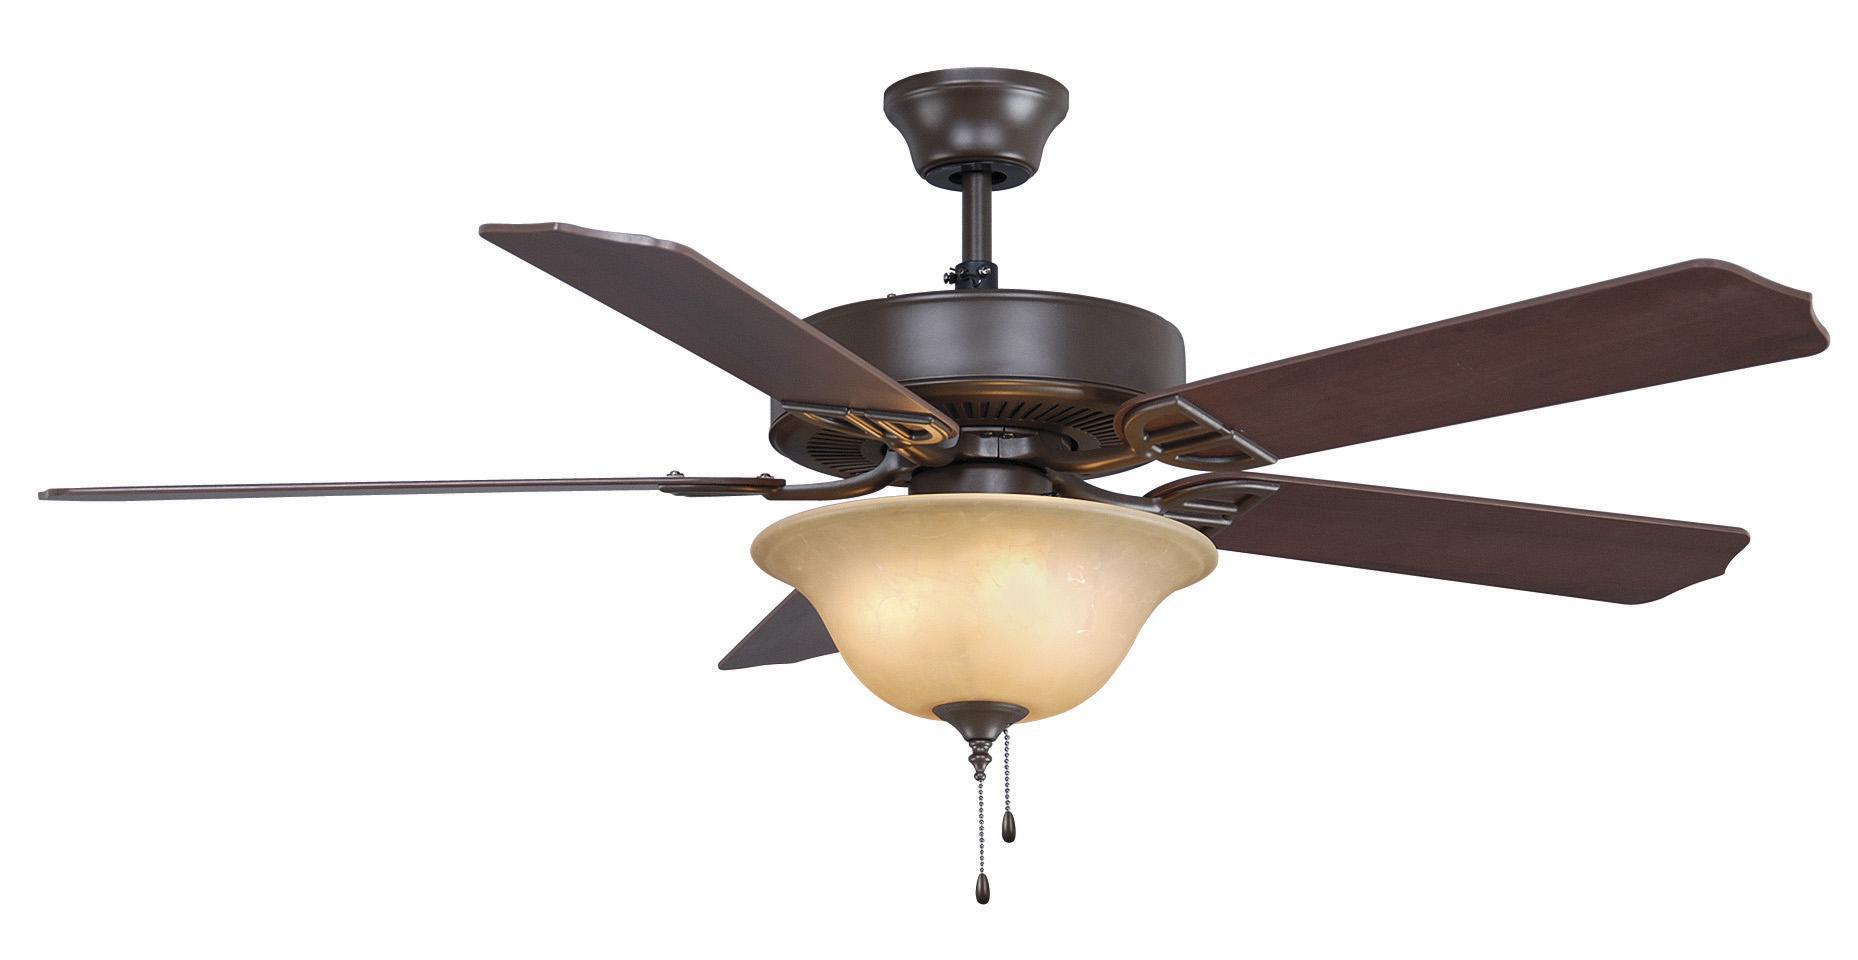 ceiling fan lamps photo - 1